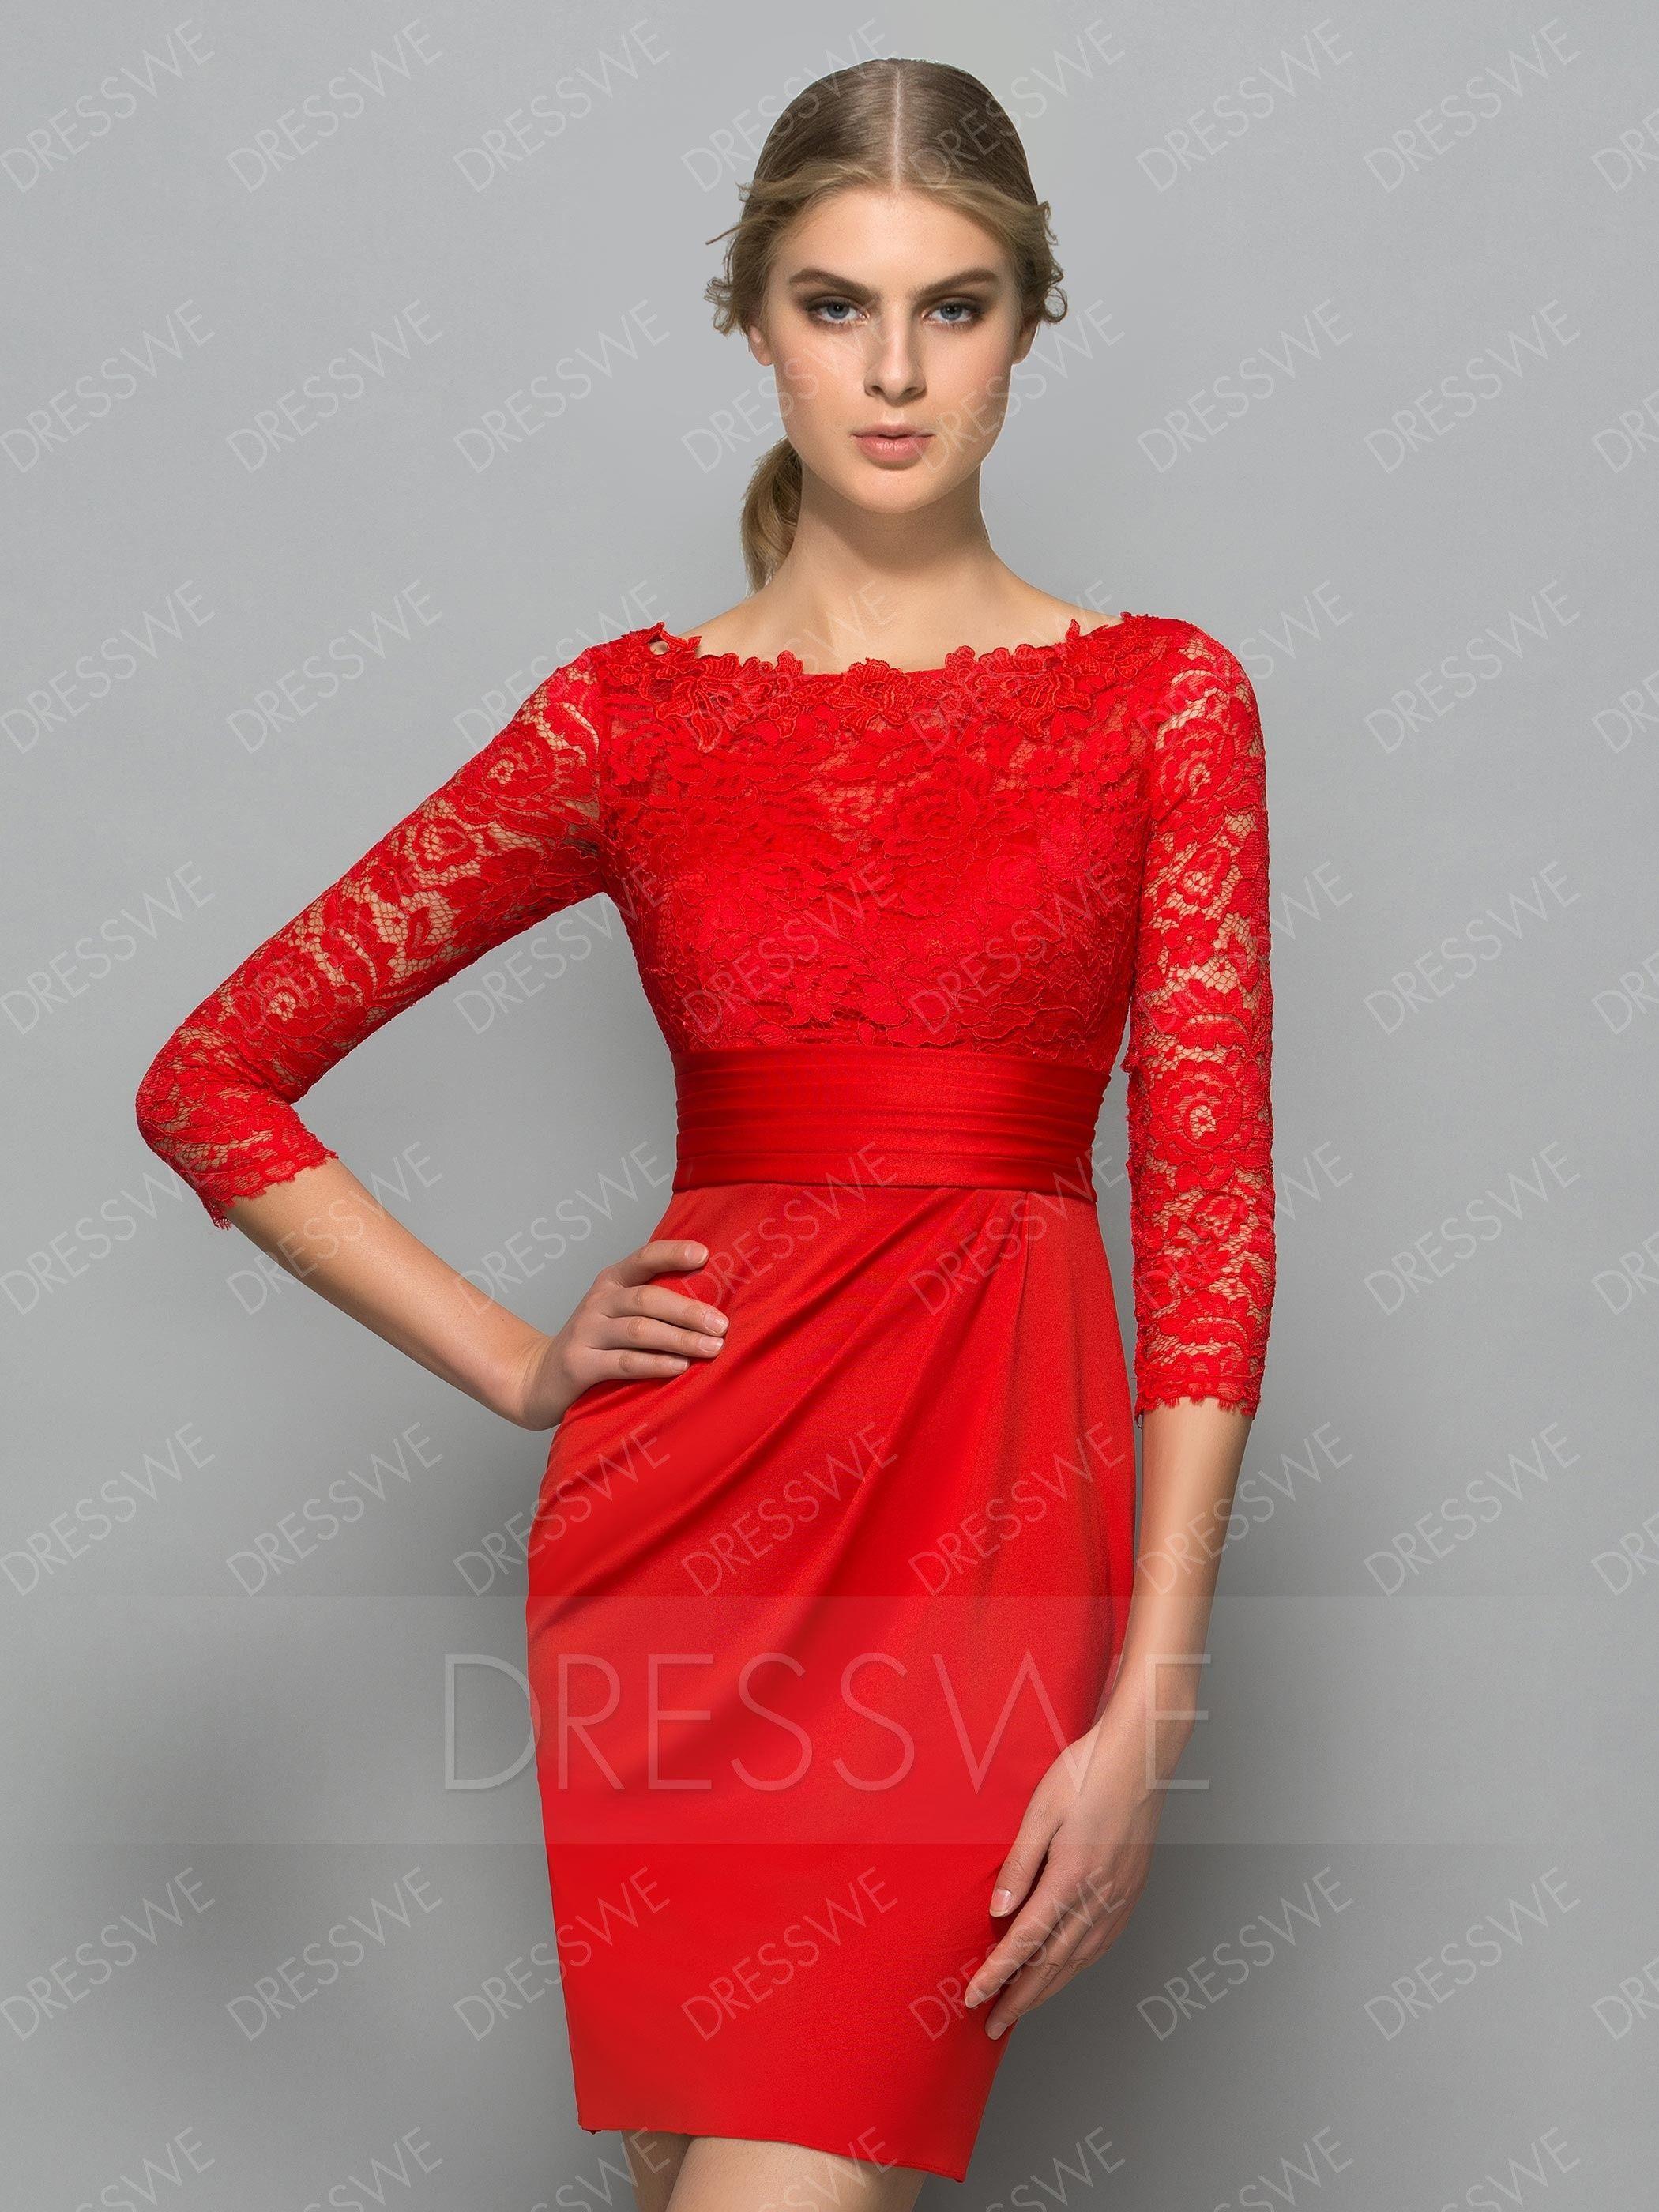 Cheap Cocktail Dresses 2016 Petite Formal Cocktail Dresses